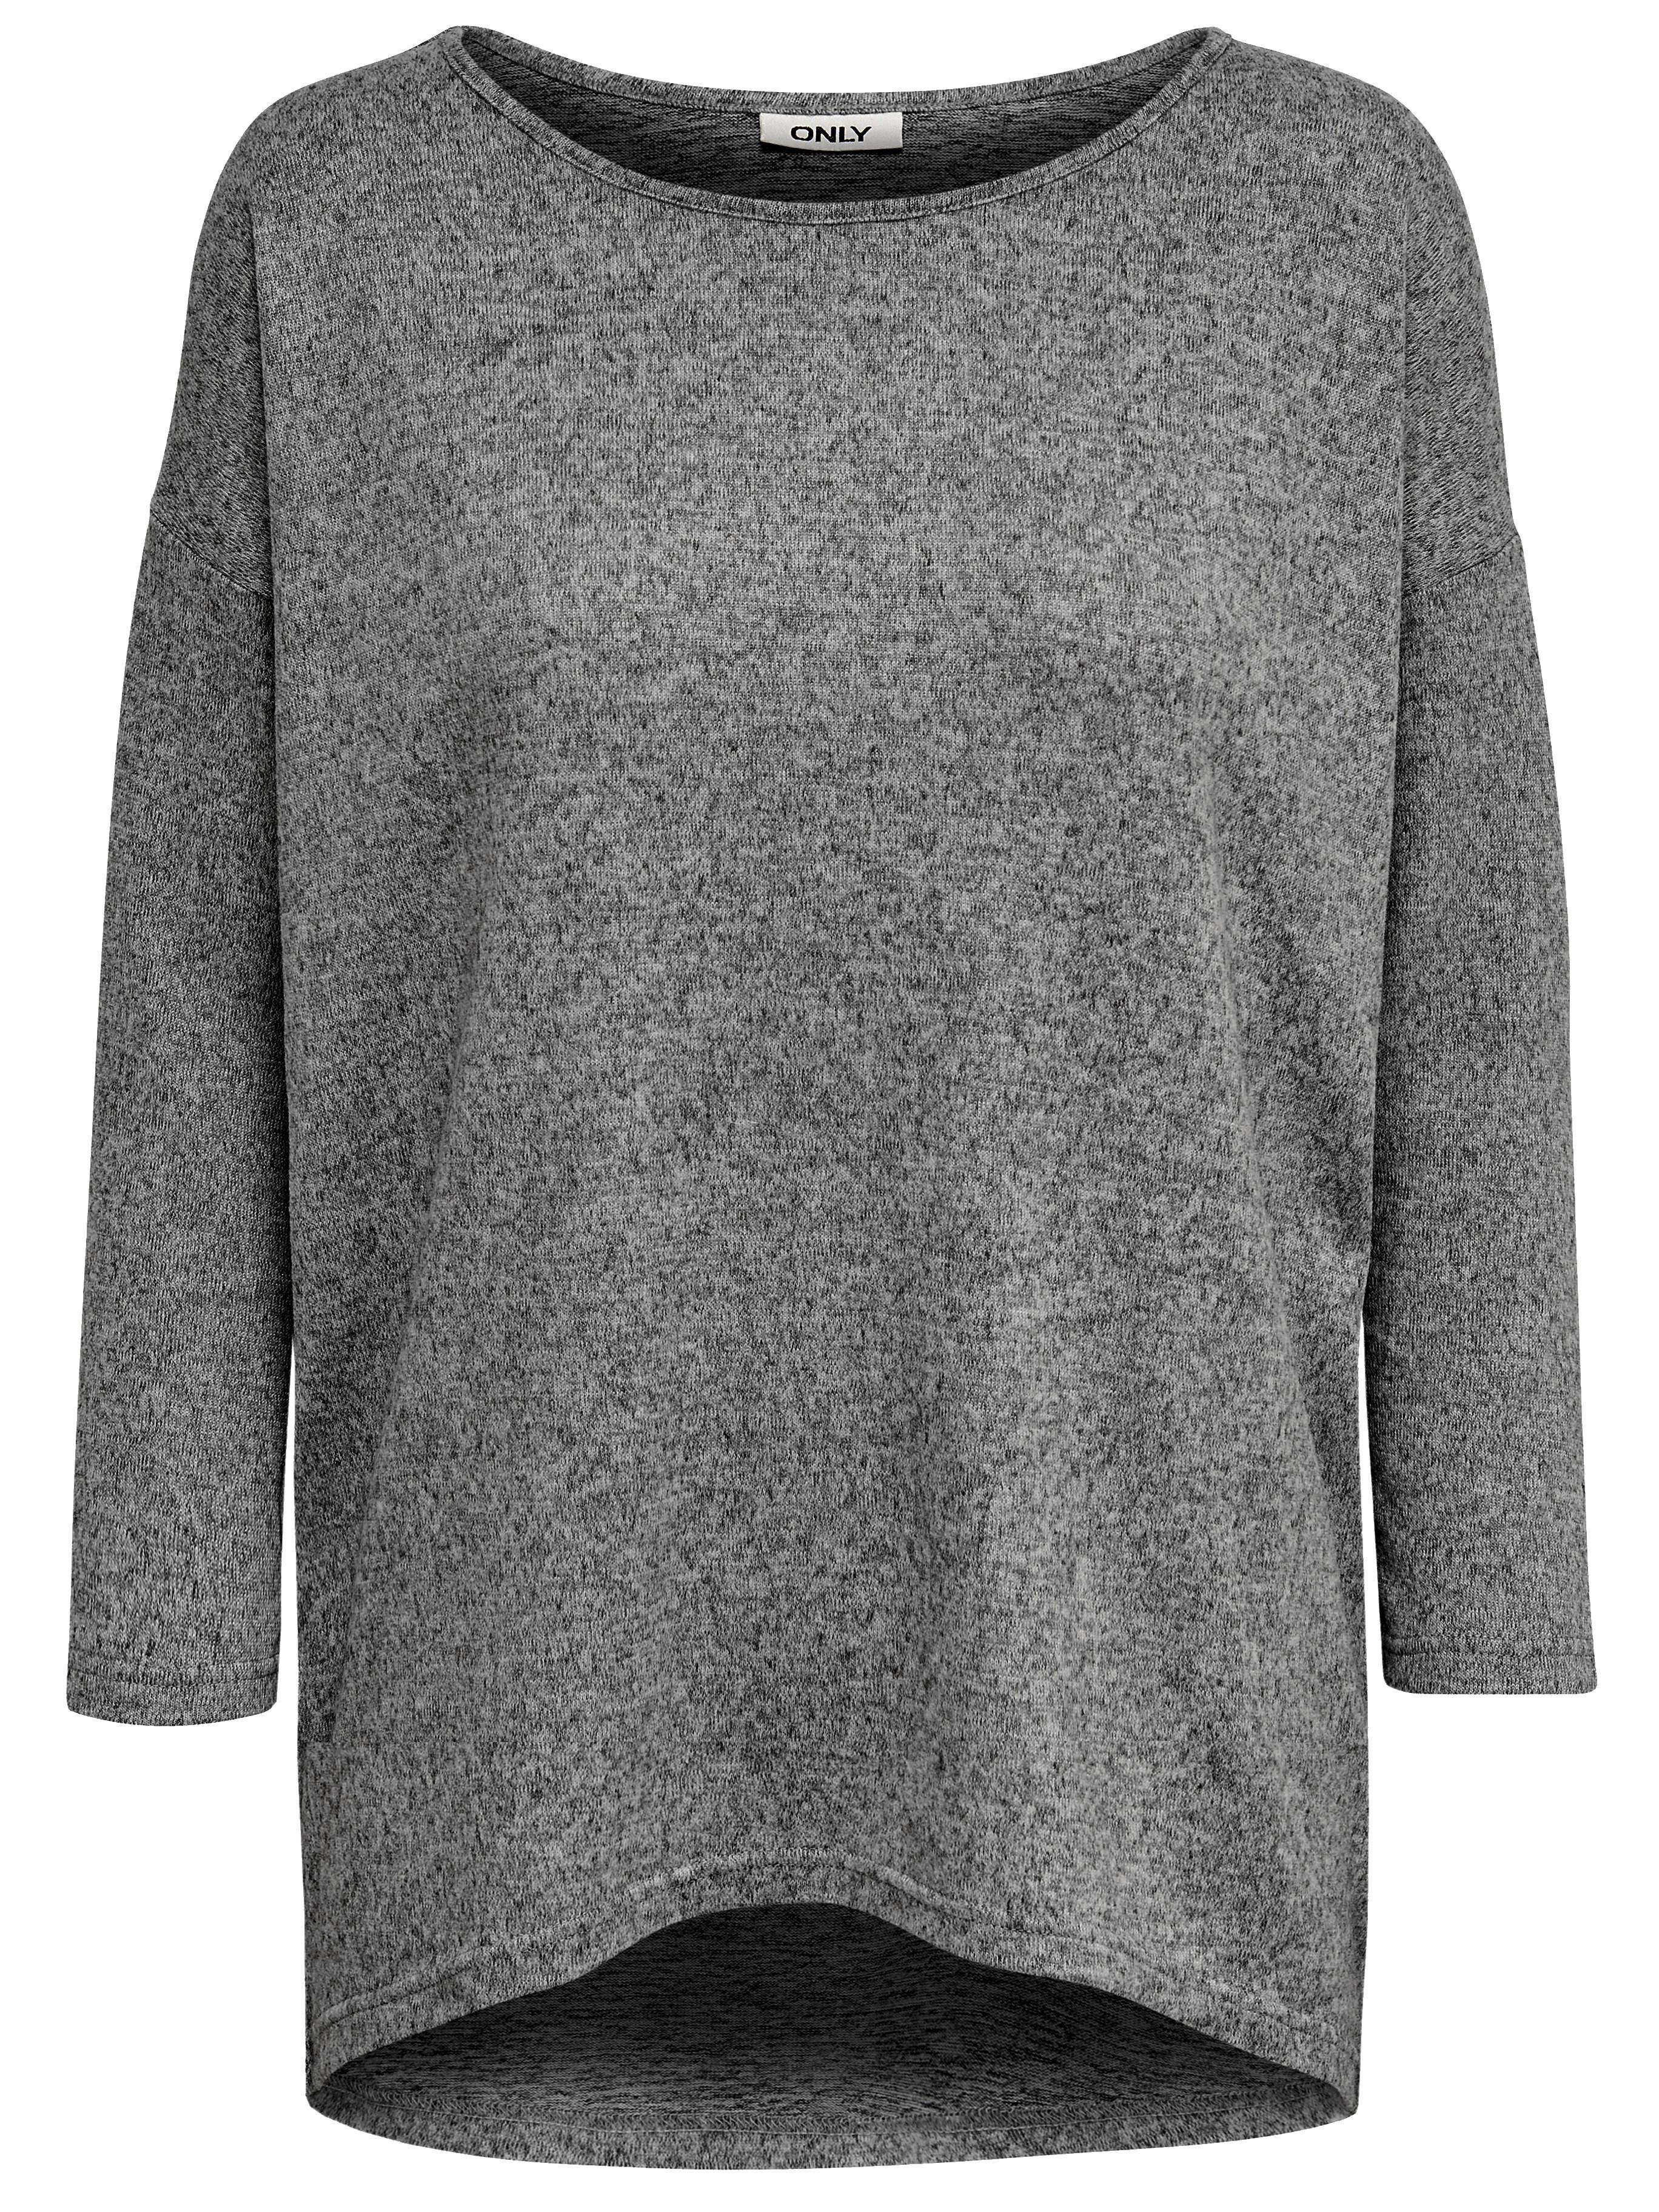 only damen oversize strick pullover shirt onlelcos 4 5. Black Bedroom Furniture Sets. Home Design Ideas